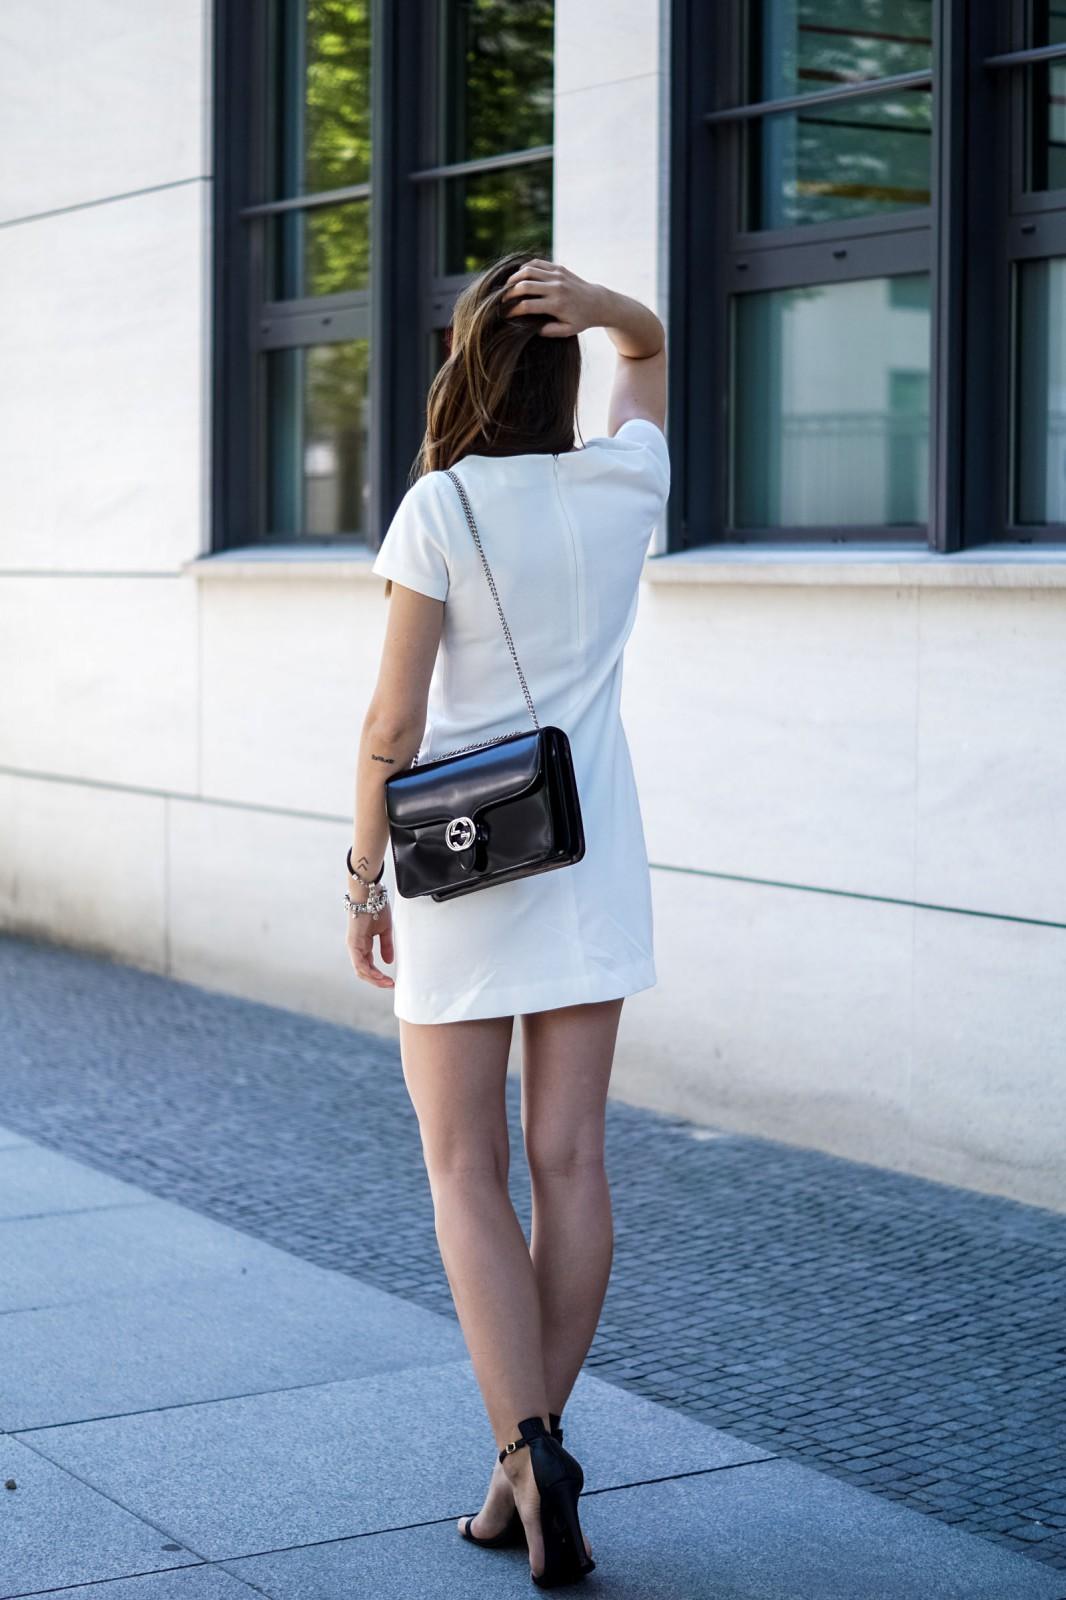 Wie trägt man ein weißes Kleid